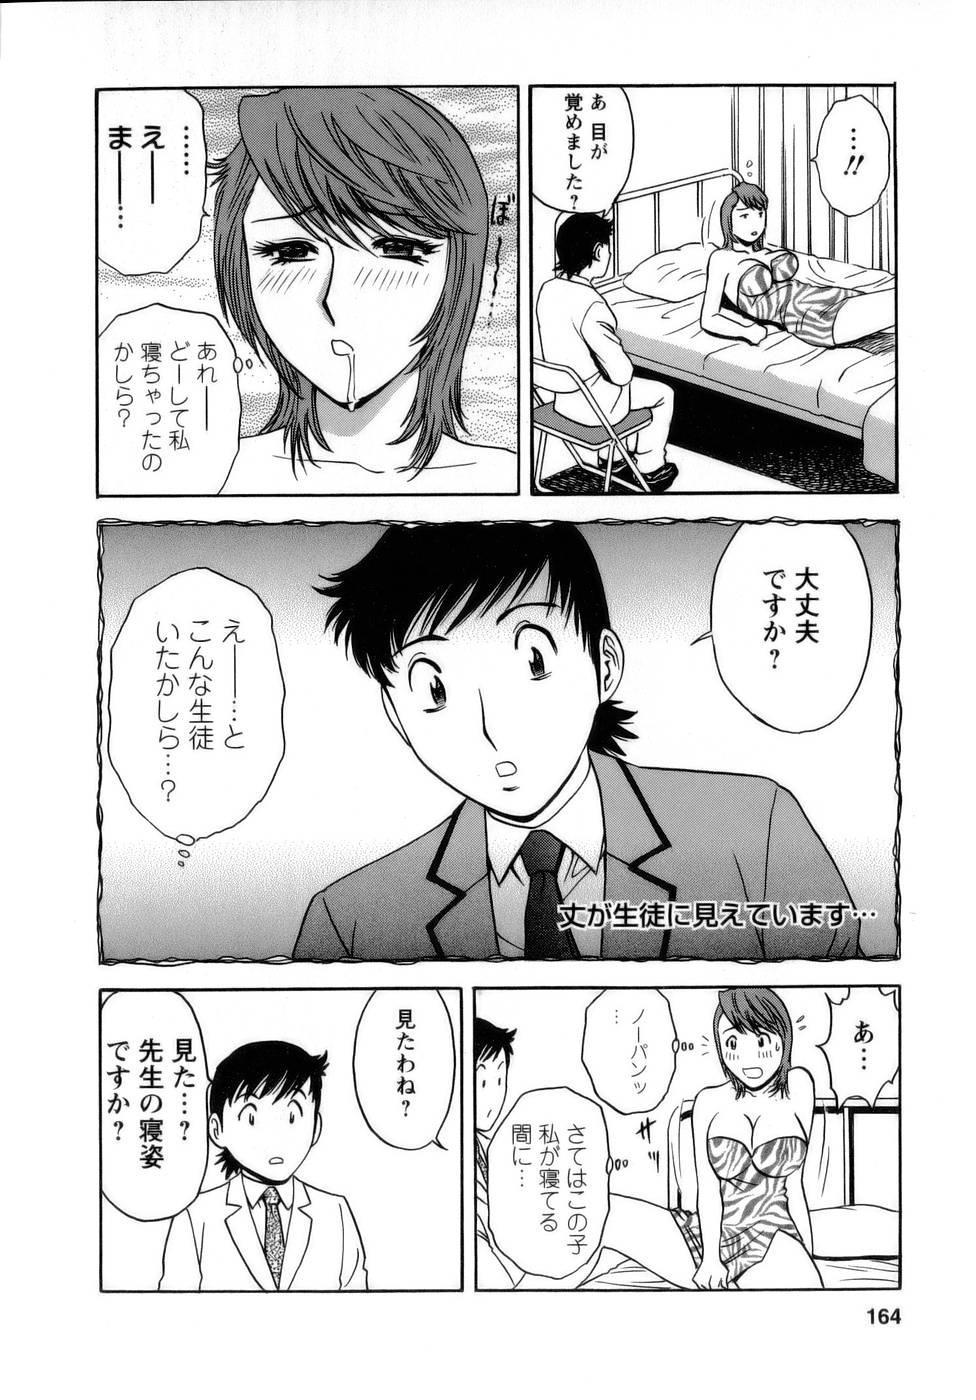 [Hidemaru] Mo-Retsu! Boin Sensei (Boing Boing Teacher) Vol.1 163